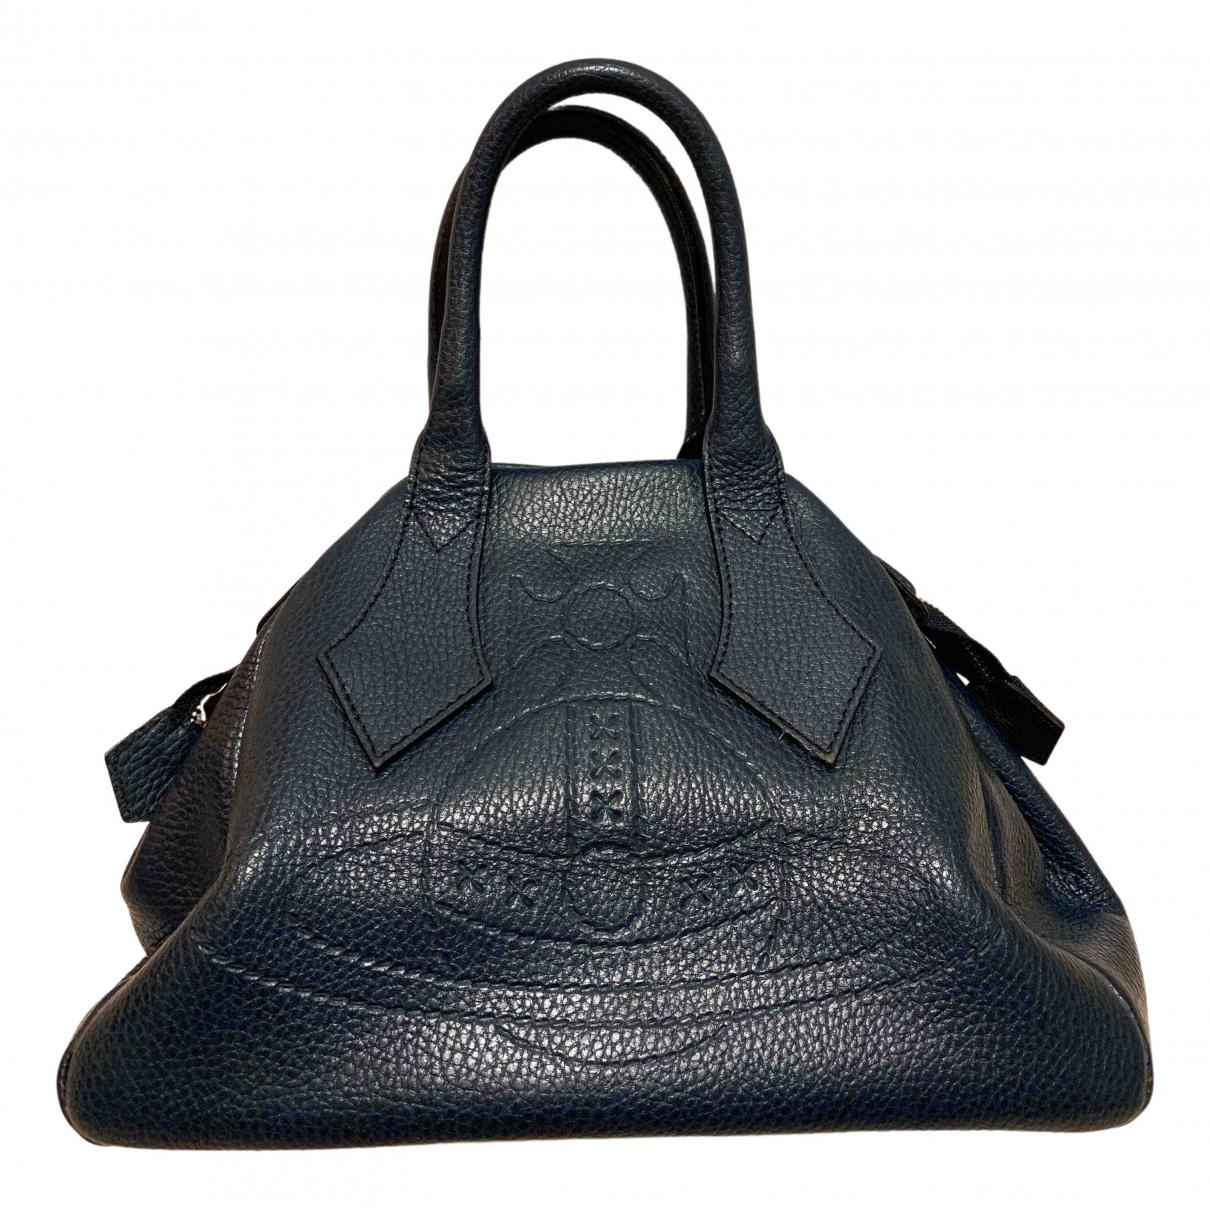 Vivienne Westwood \N Blue Leather handbag for Women \N